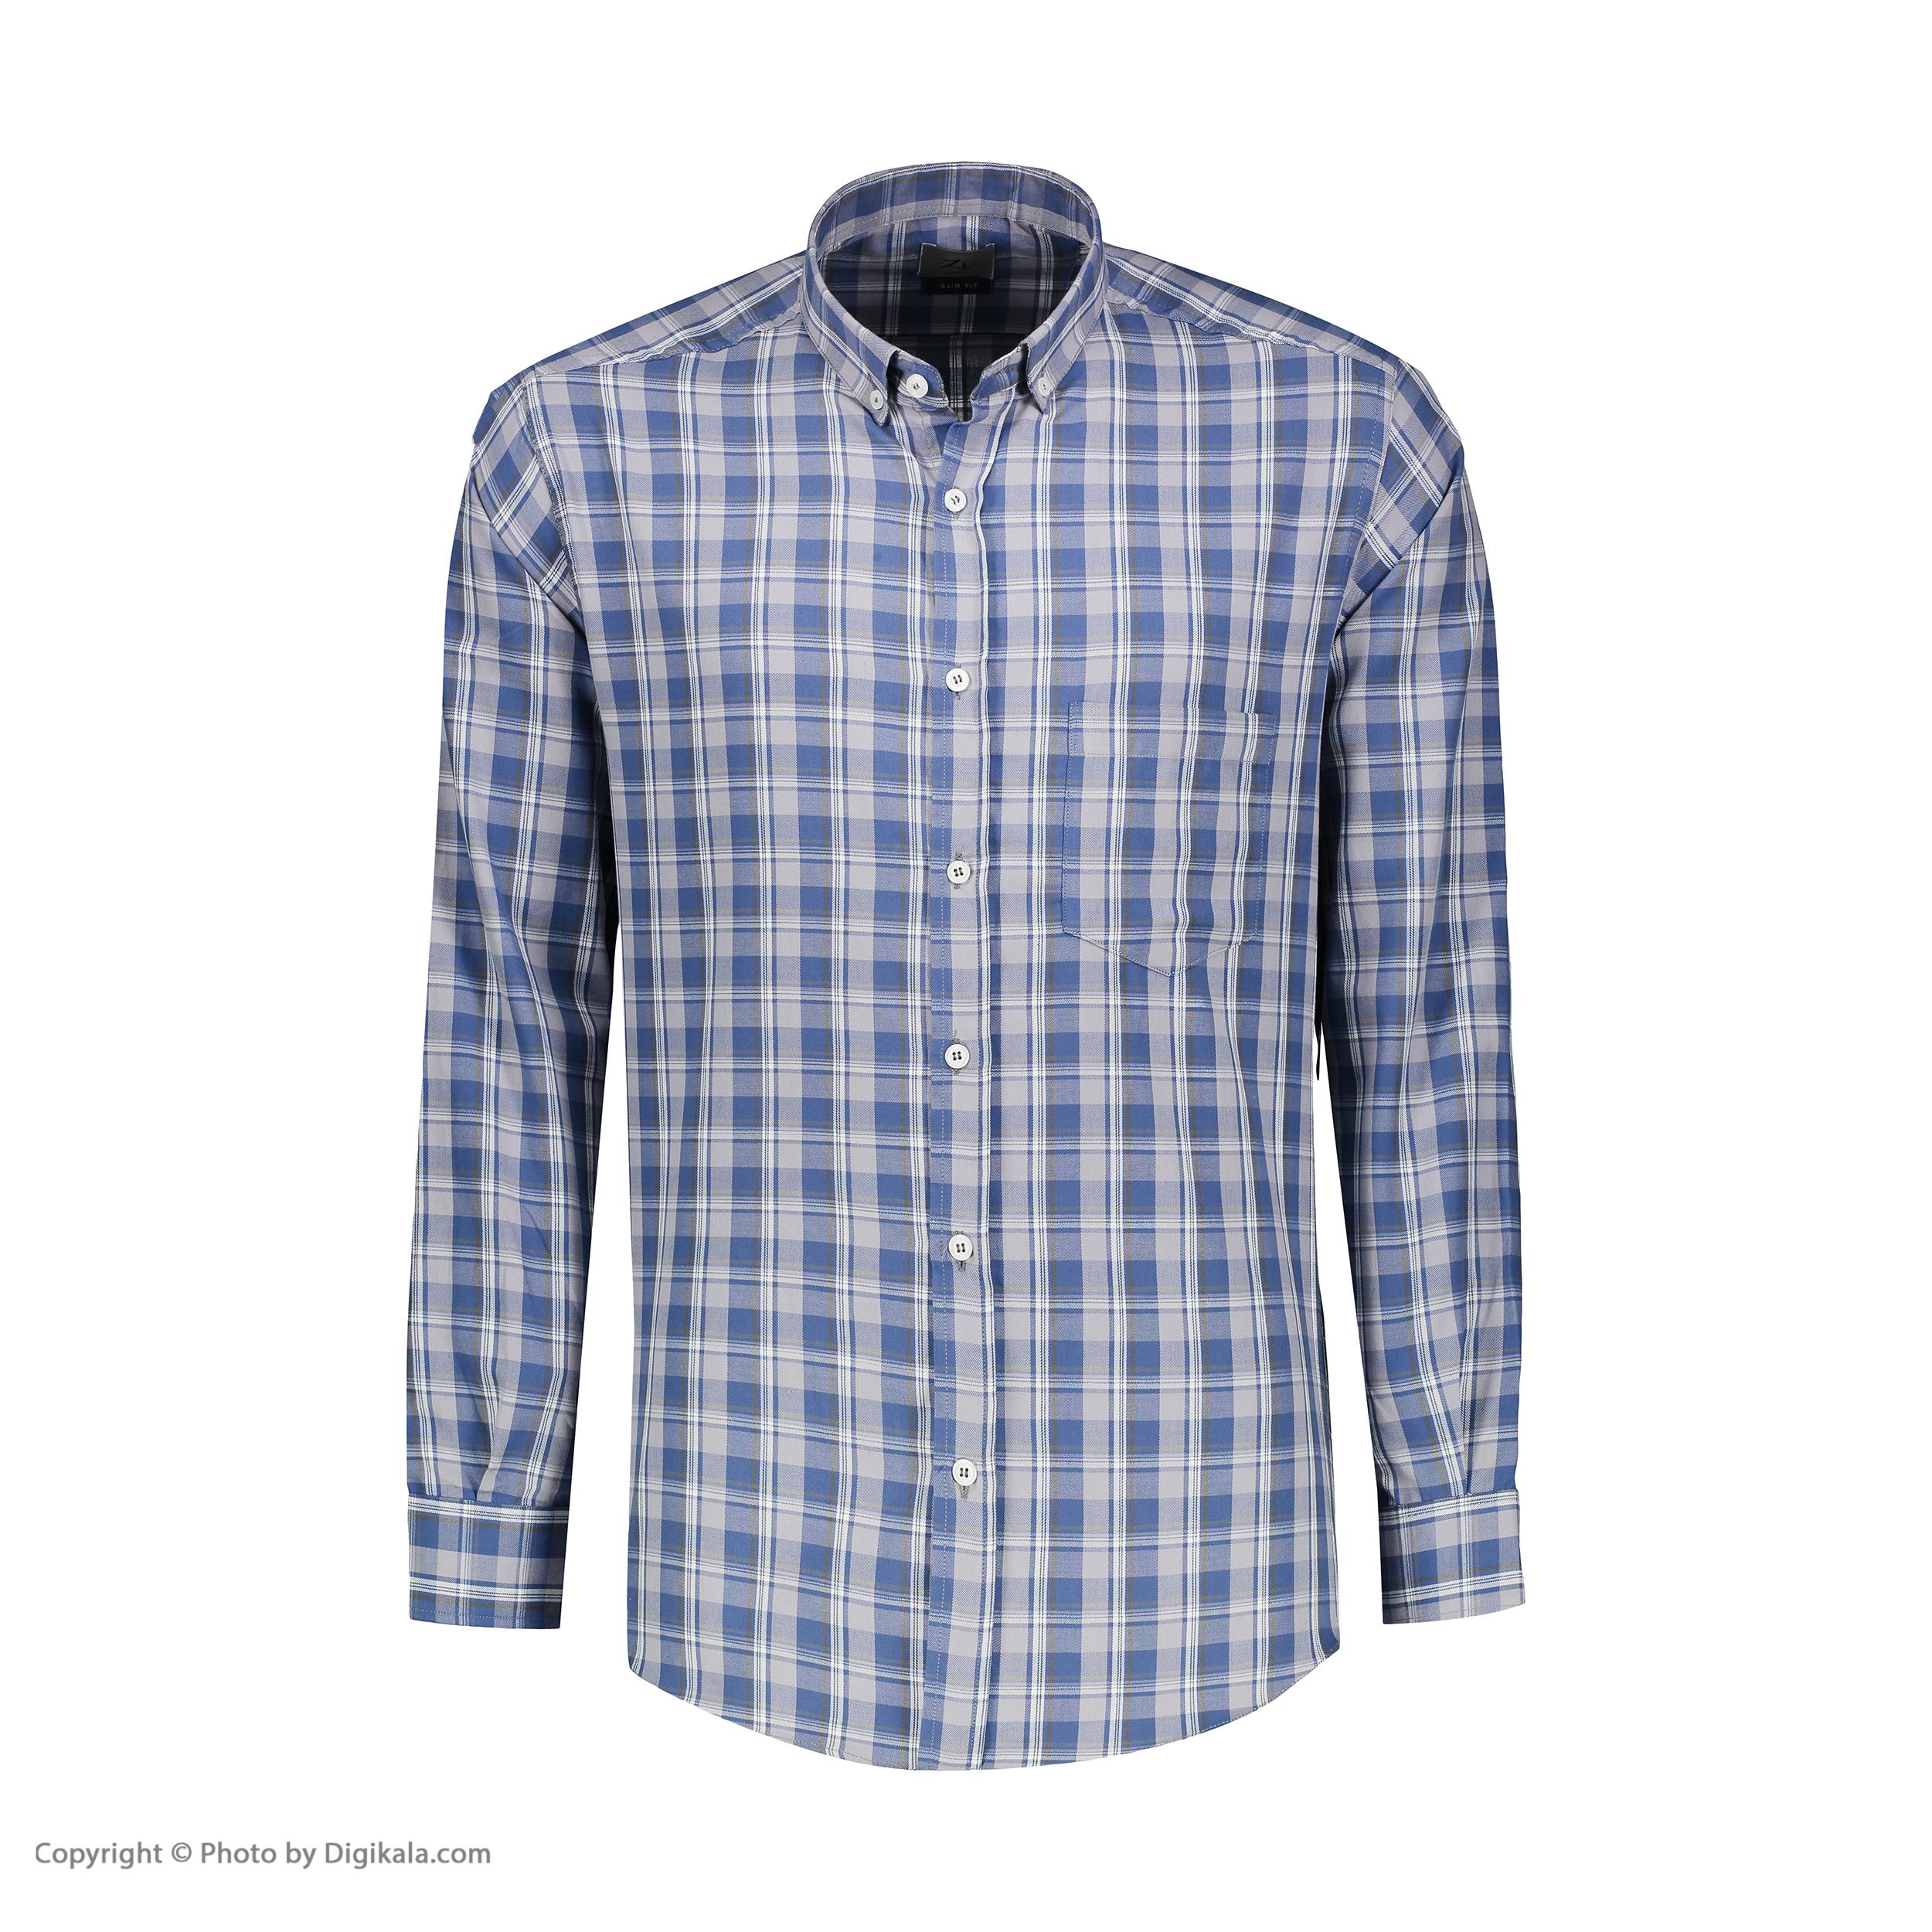 پیراهن آستین بلند مردانه زی مدل 1531339MC